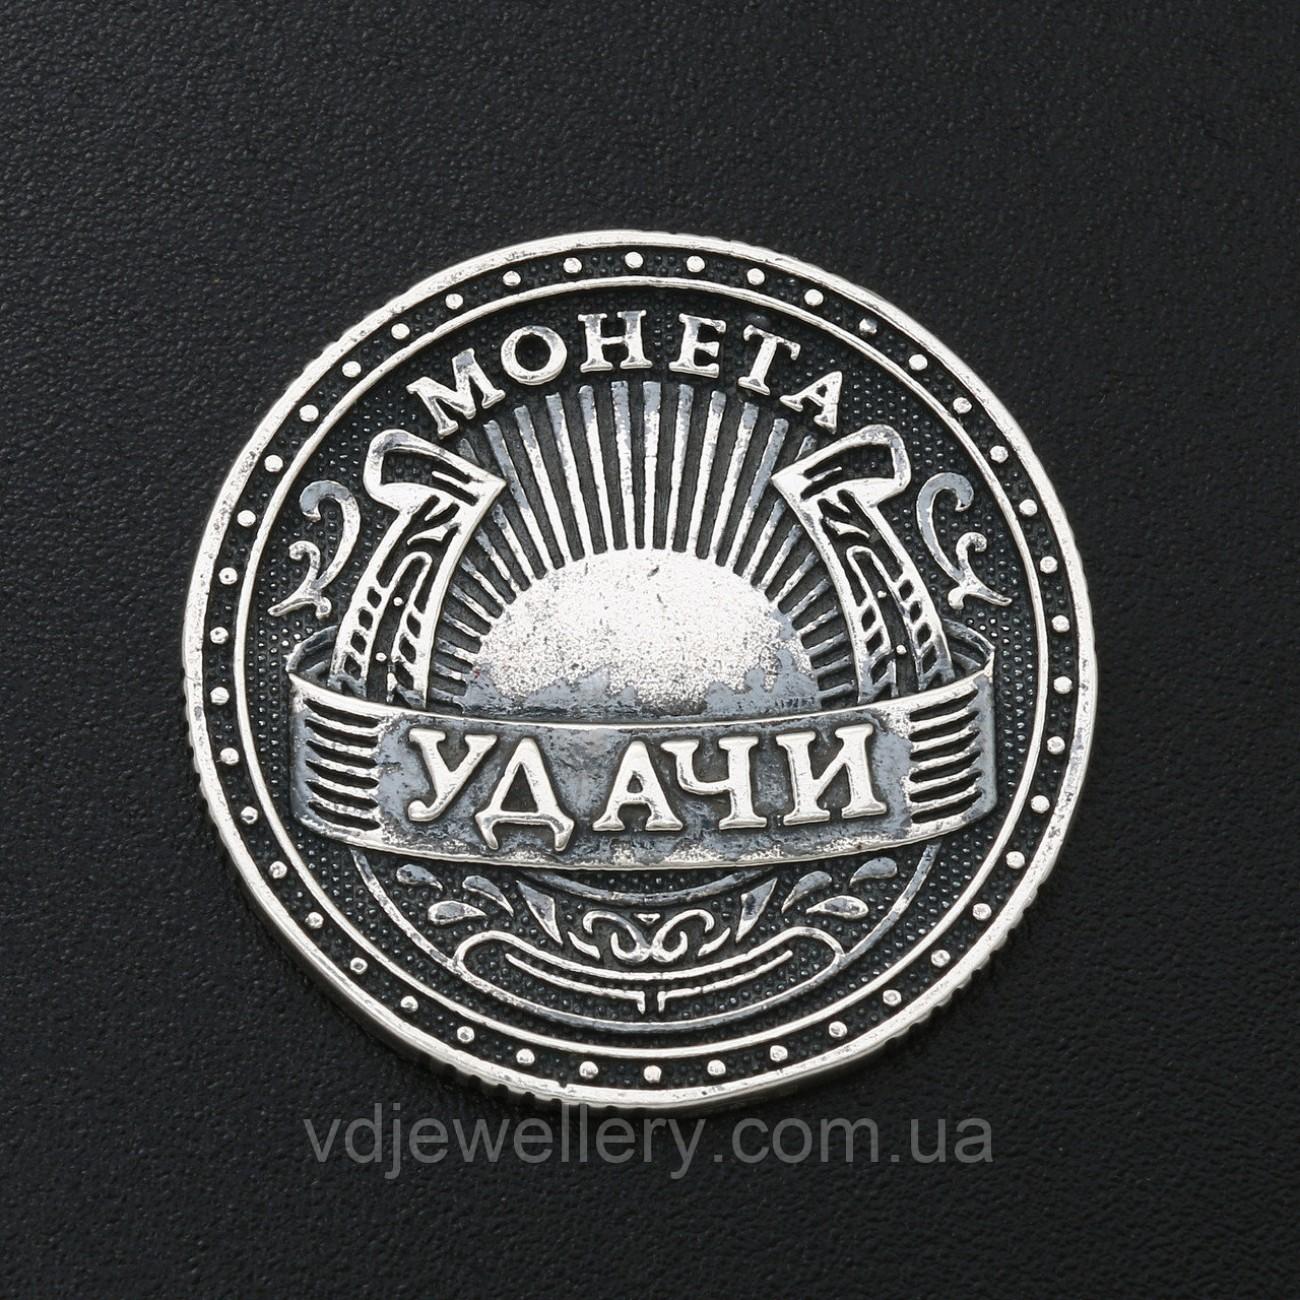 """Серебряный сувенир """"Монета удачи"""" СВМ1"""